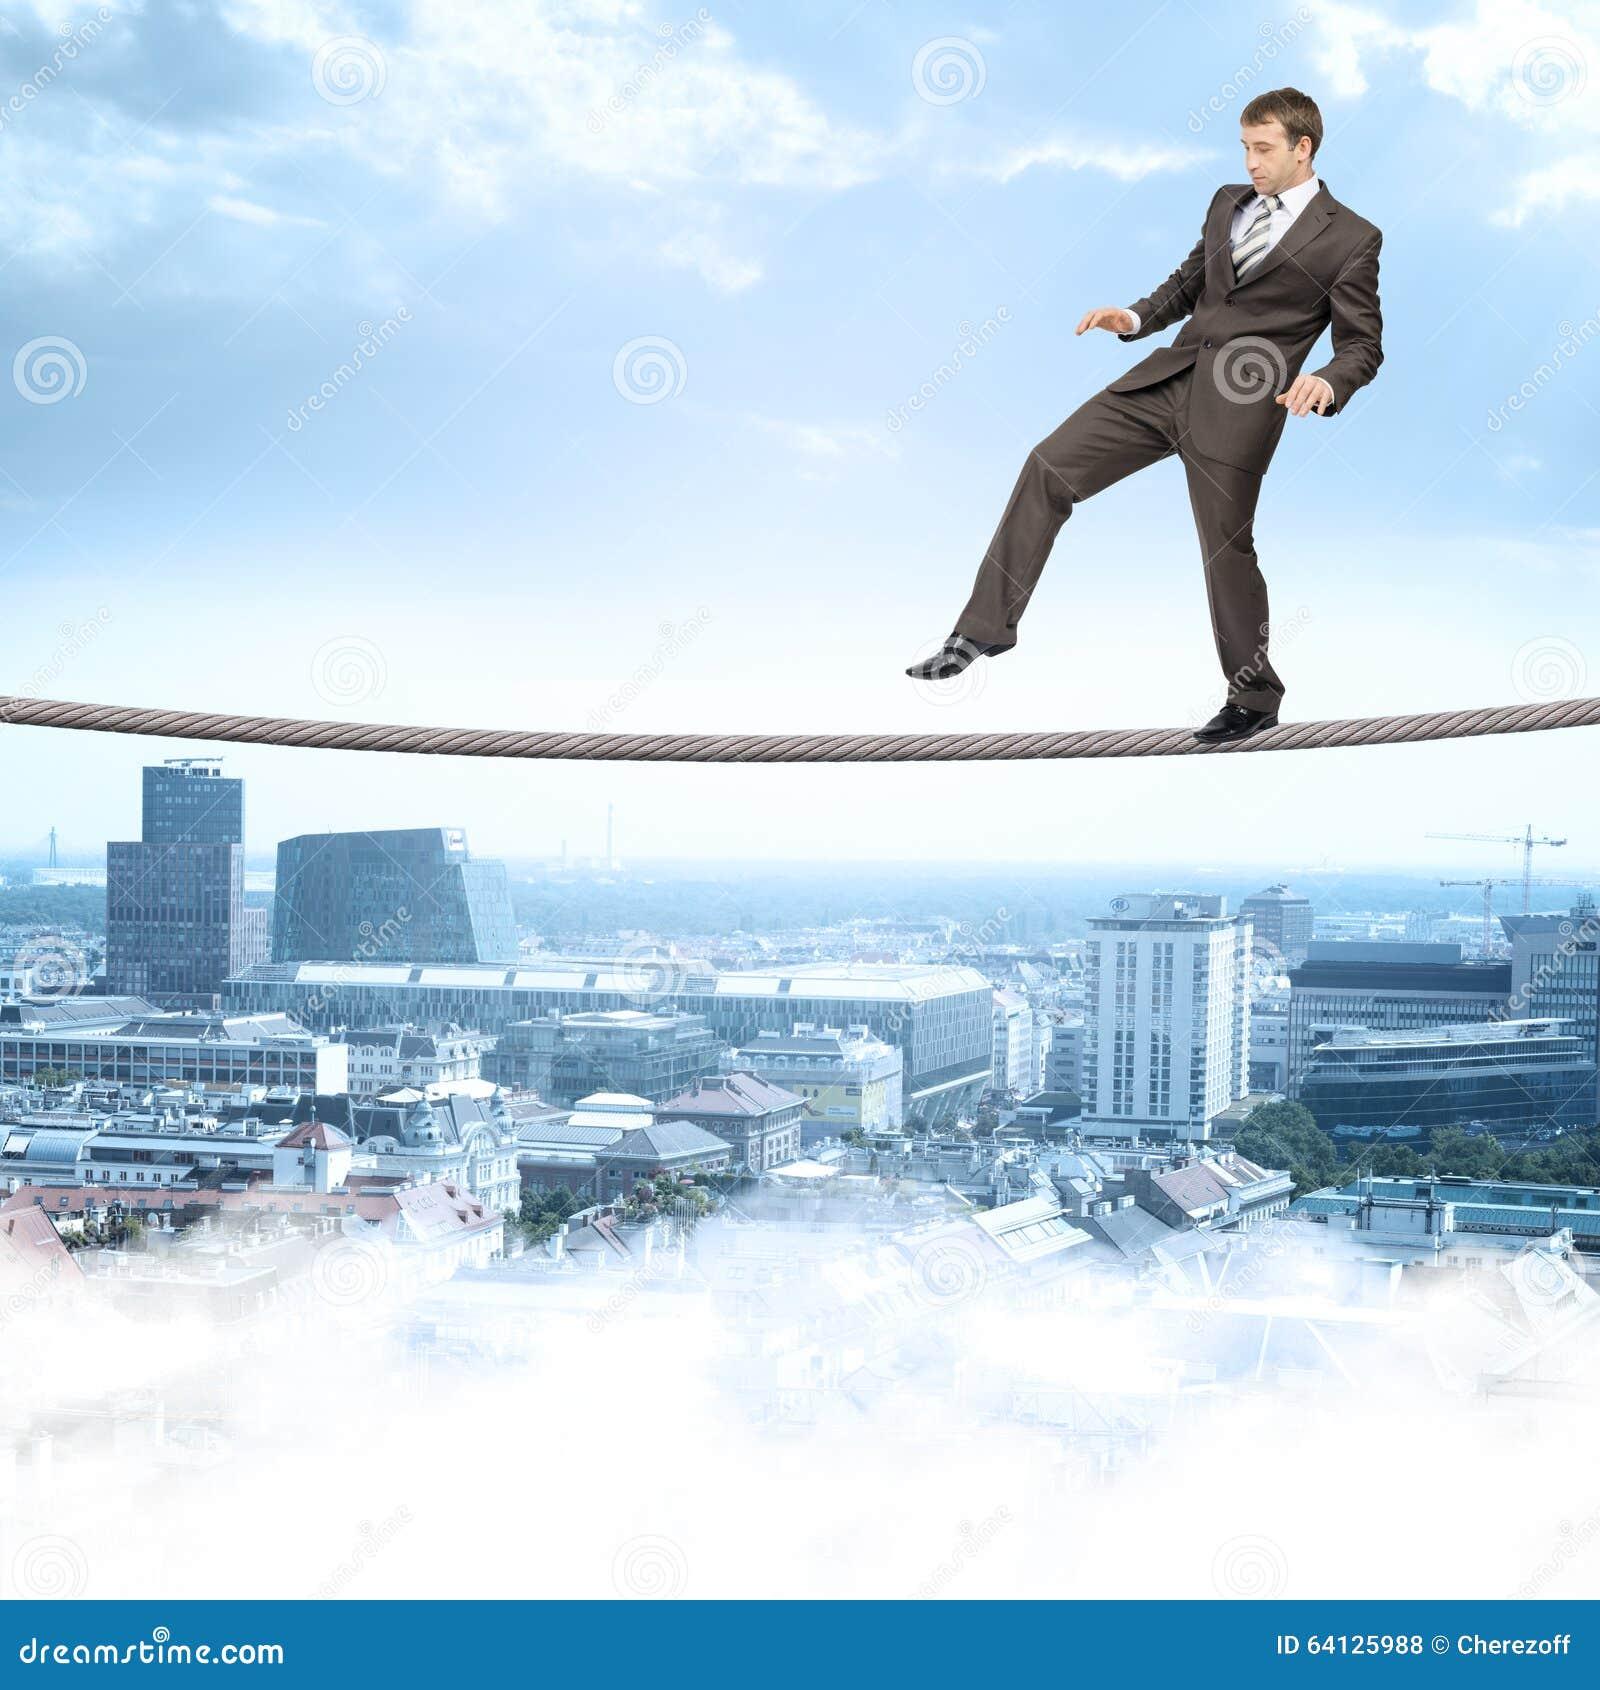 Businessman Softly Walking On Rope Stock Photo Image